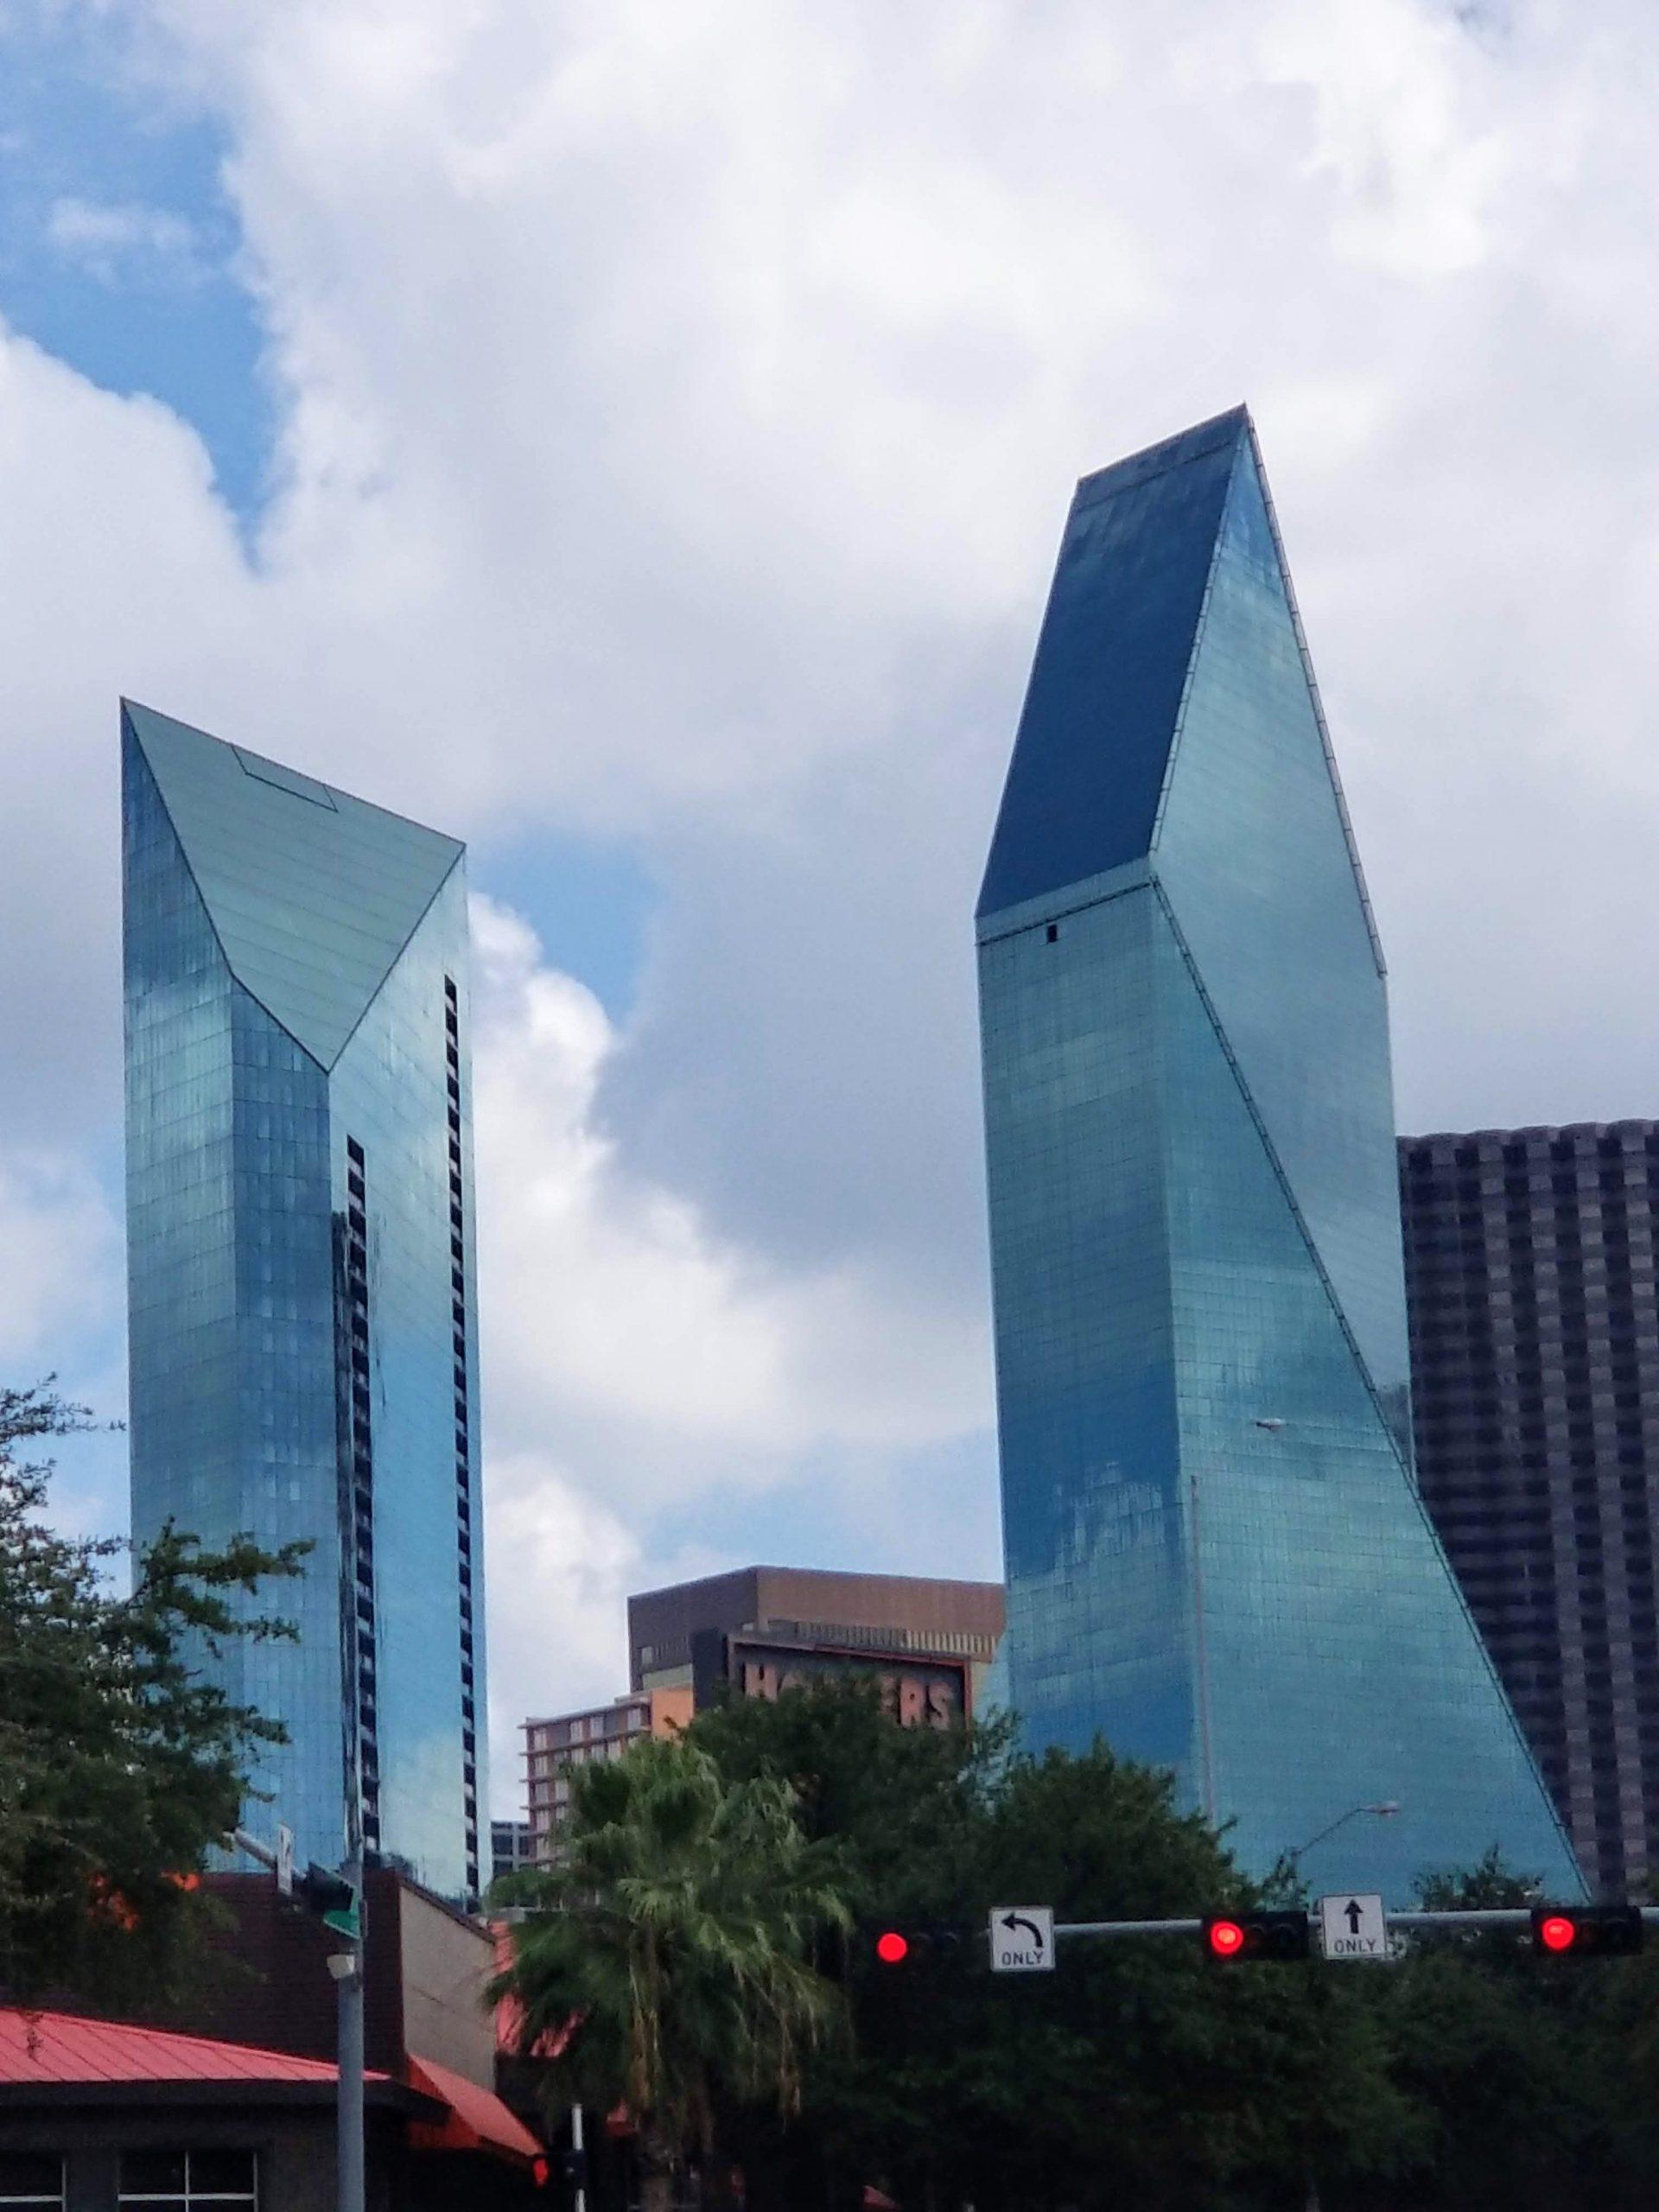 North Texas Fiber Twins